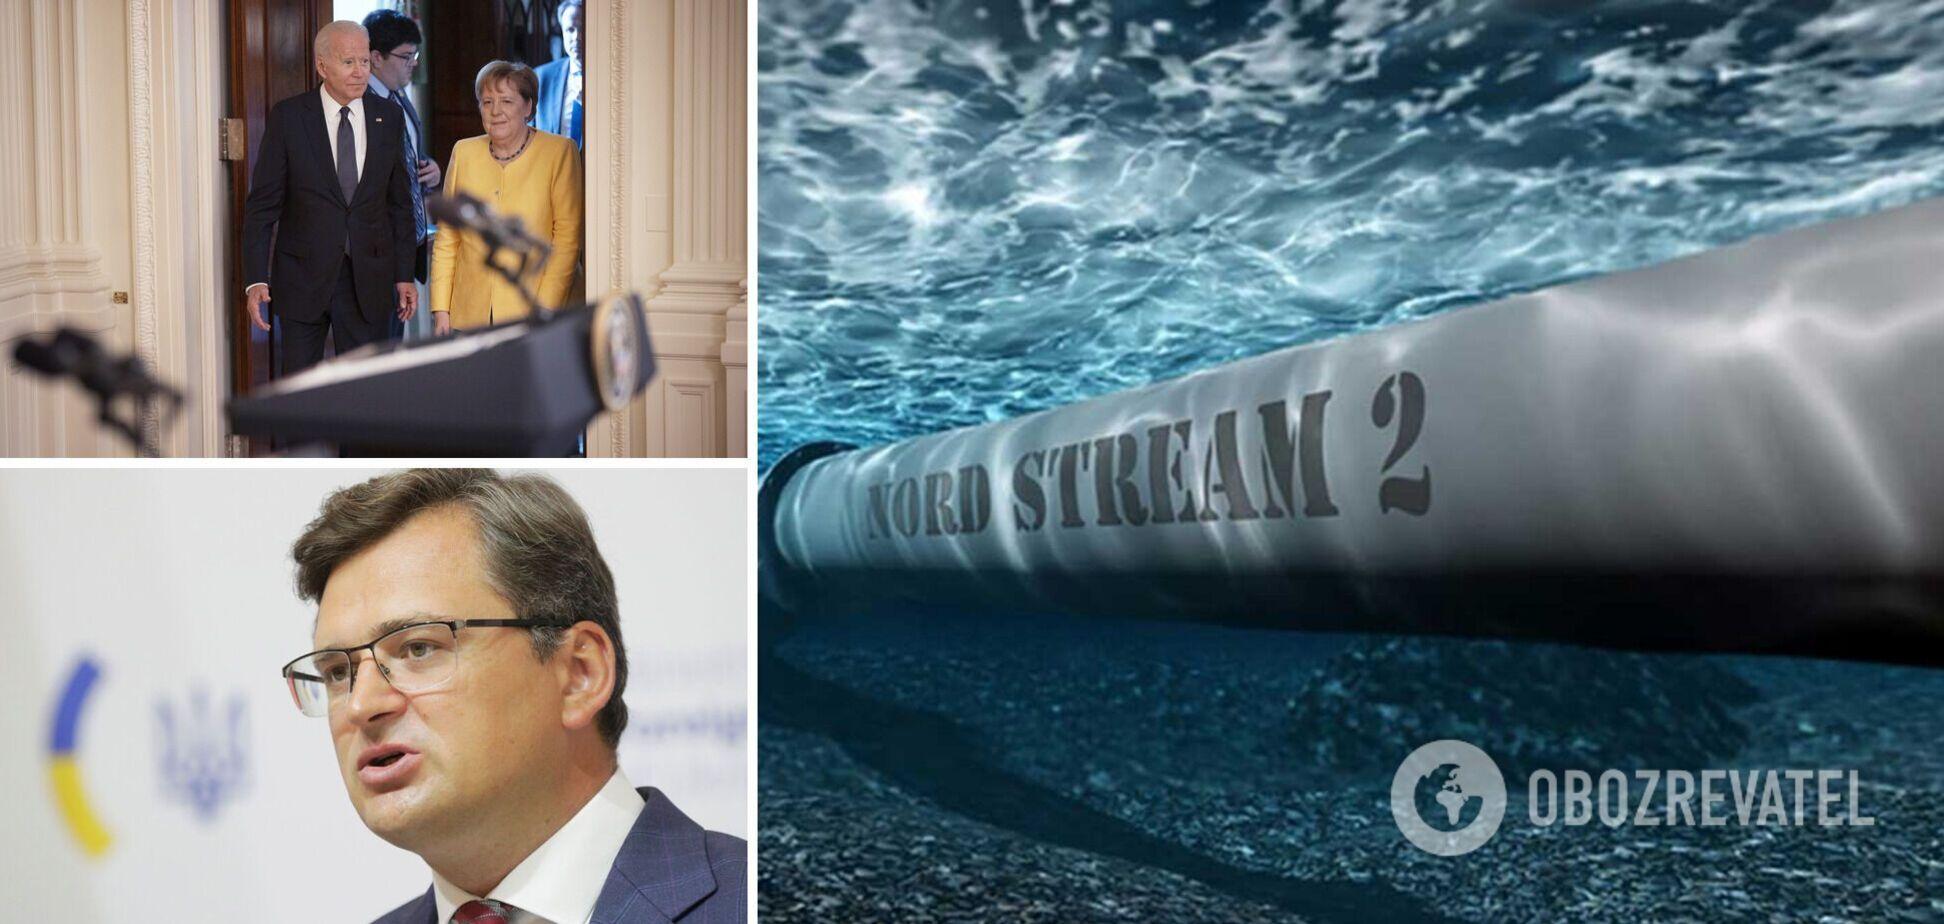 США и Германия договорились по 'Северному потоку-2': все подробности соглашения и реакция Украины